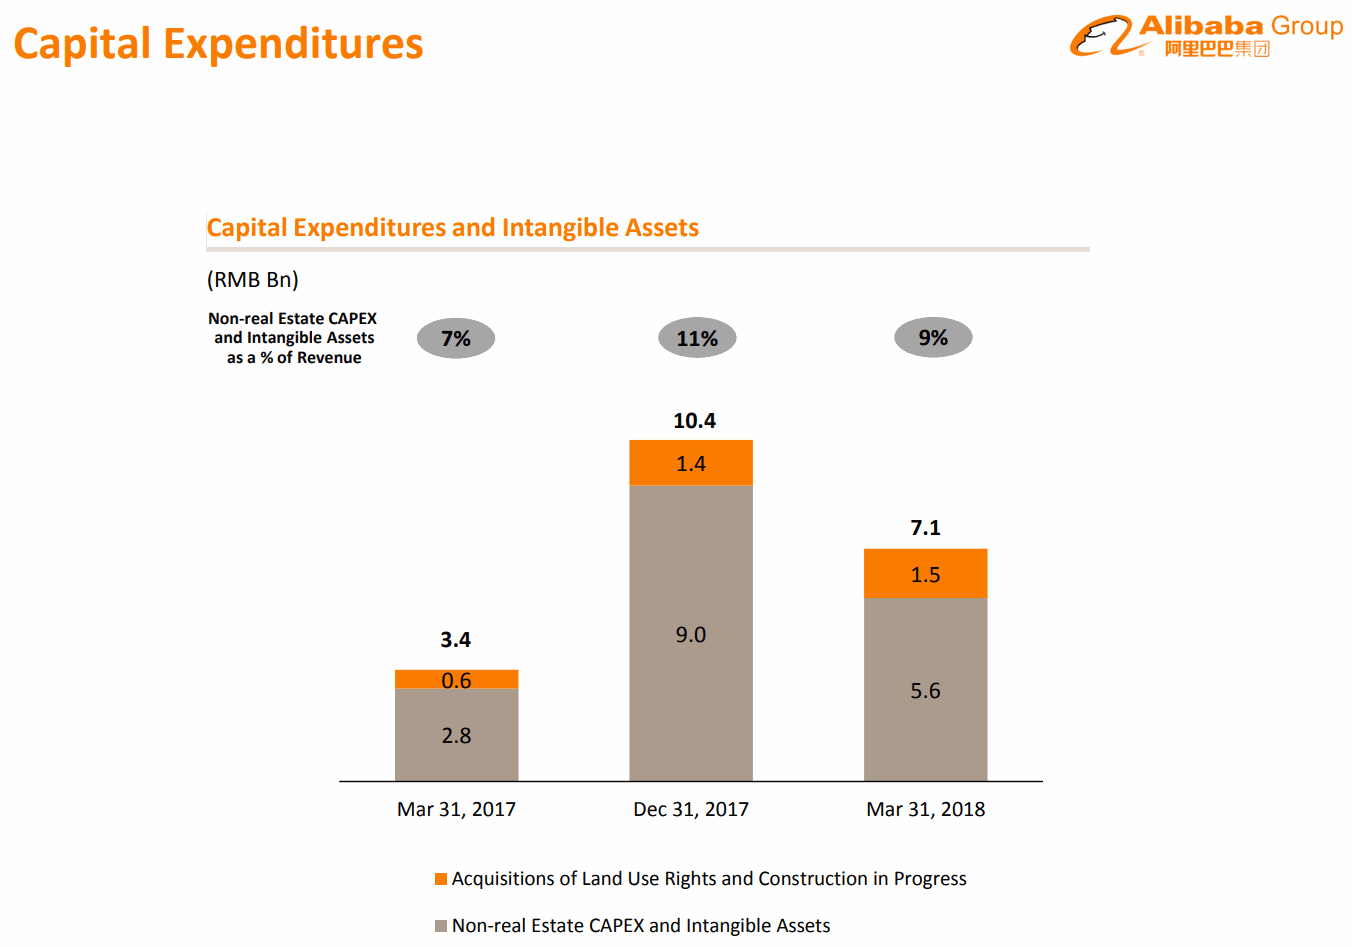 2018Q1-CapitalExpenditures-Alibaba